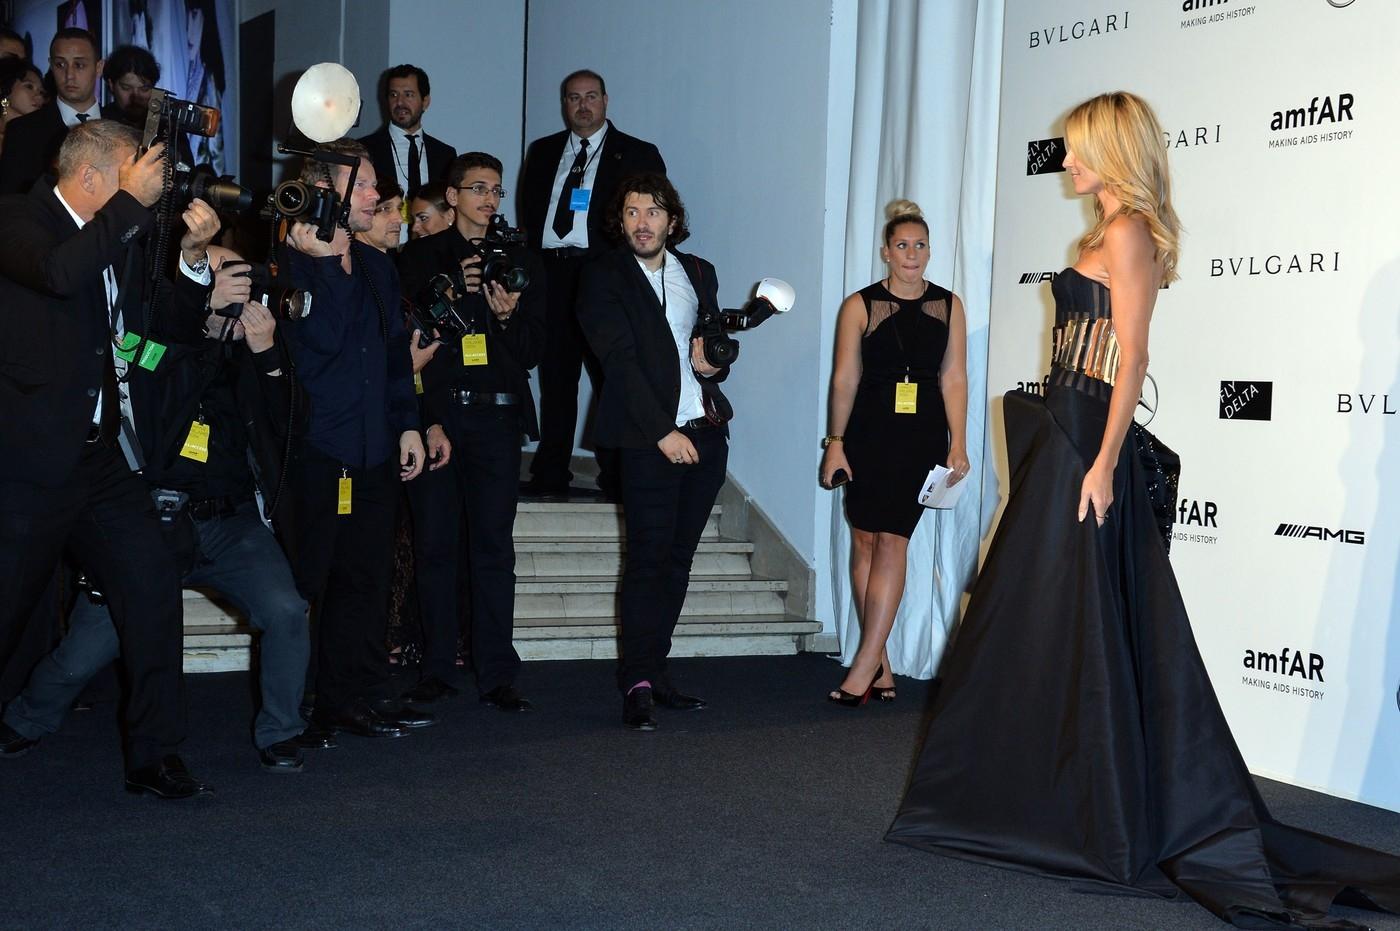 Milan Fashion Week: Když hvězdy pomáhají